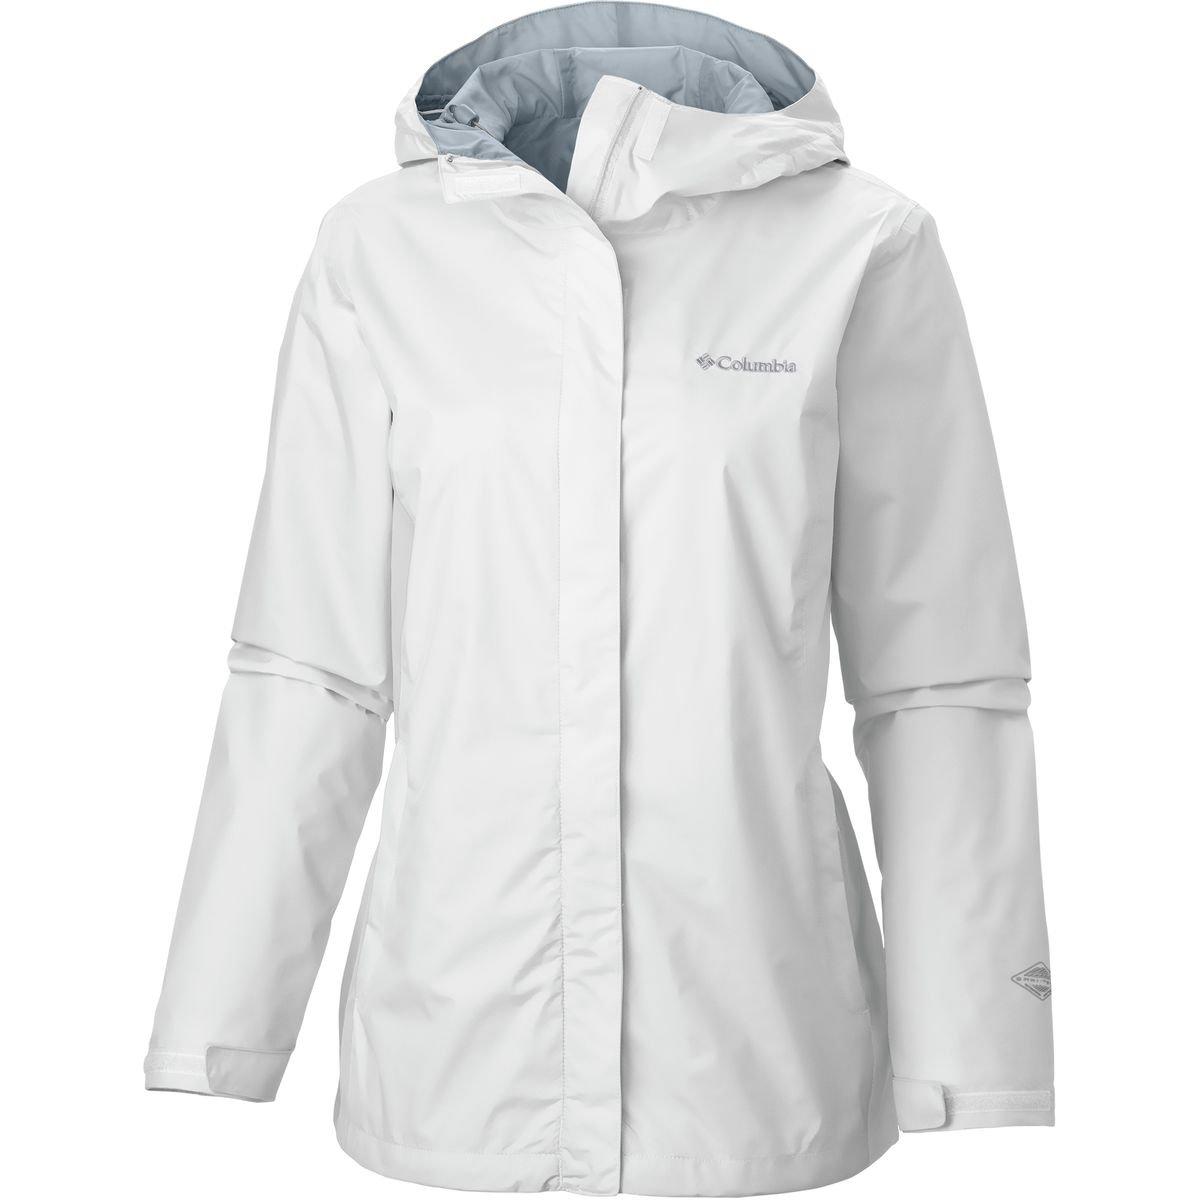 Columbia Women's Arcadia Ii Jacket Outerwear, White, White, M